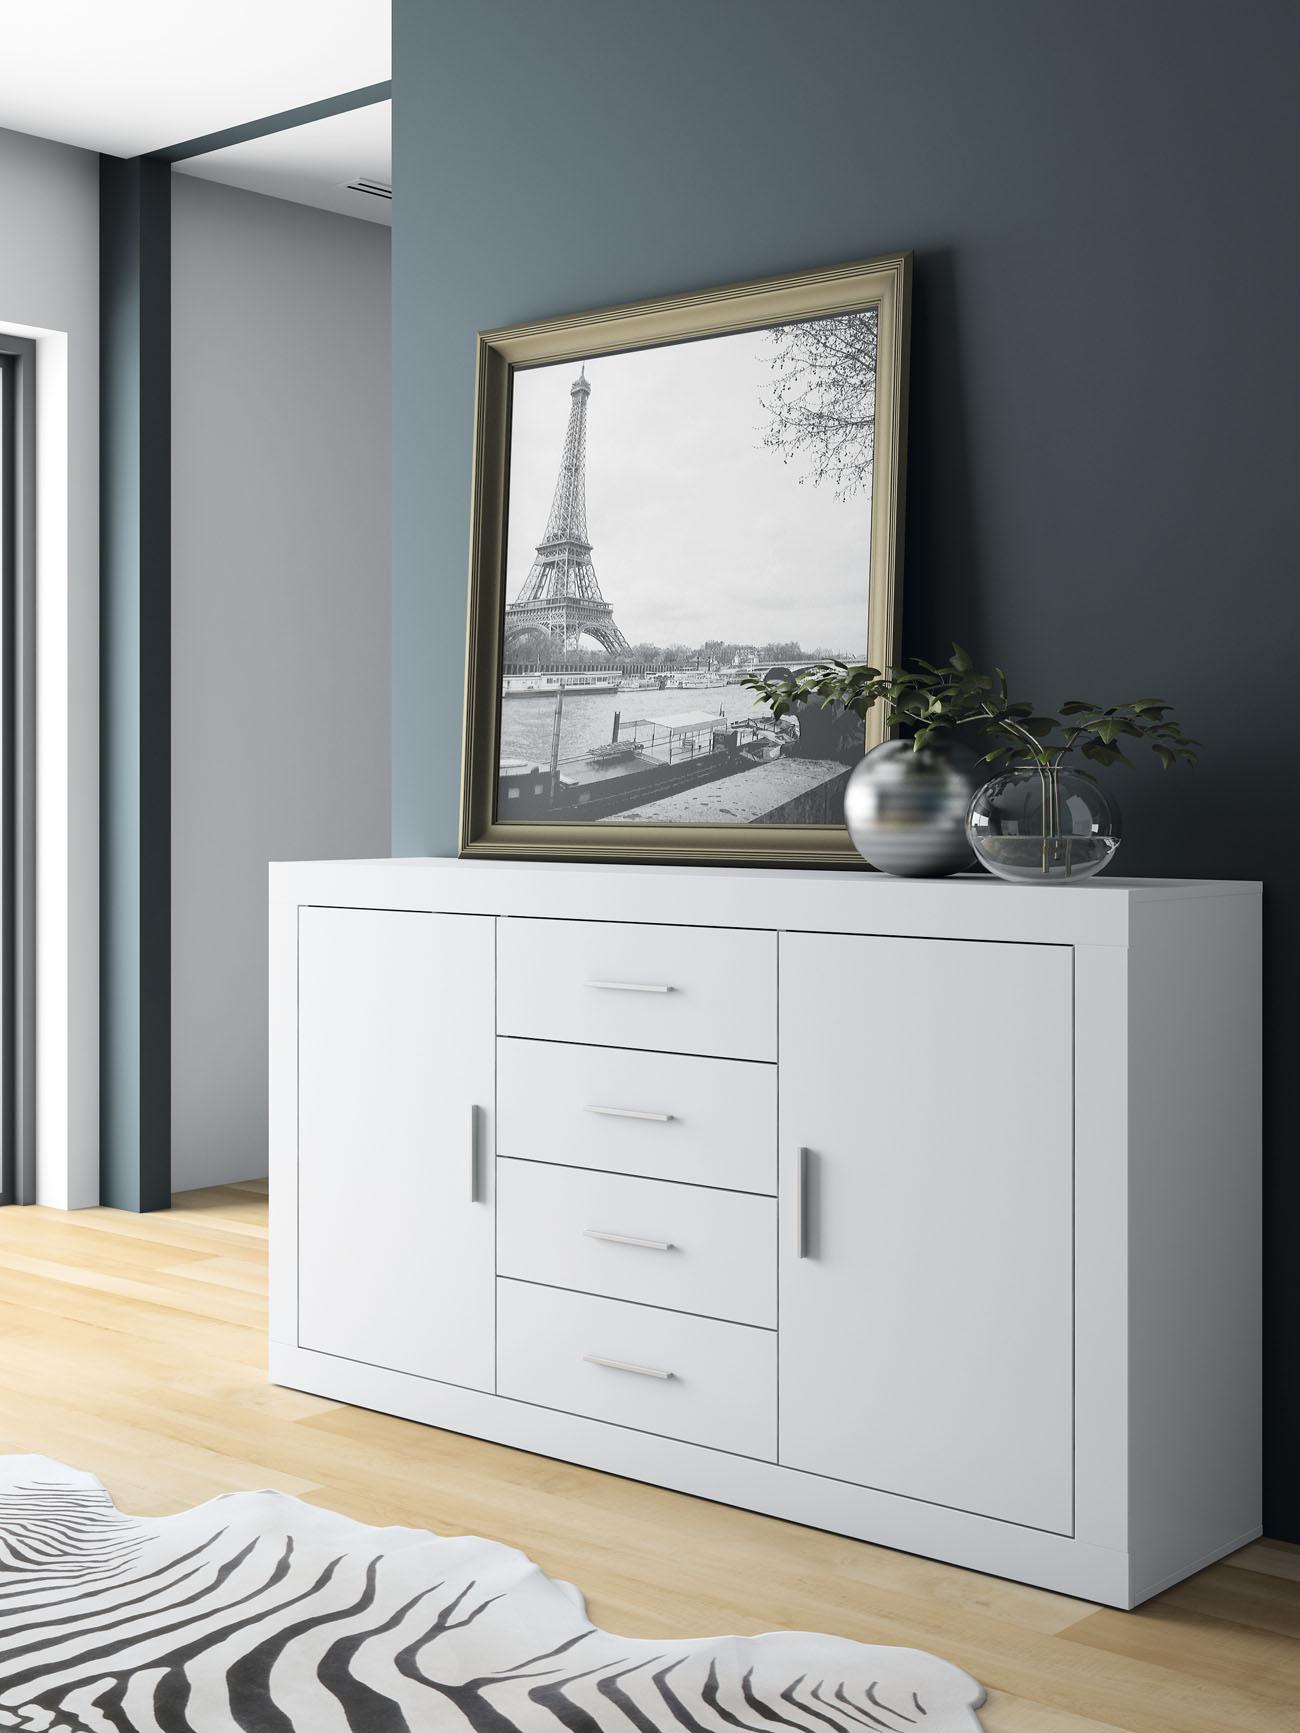 Mueble aparador compuesto de 4 cajones for Cajones para muebles